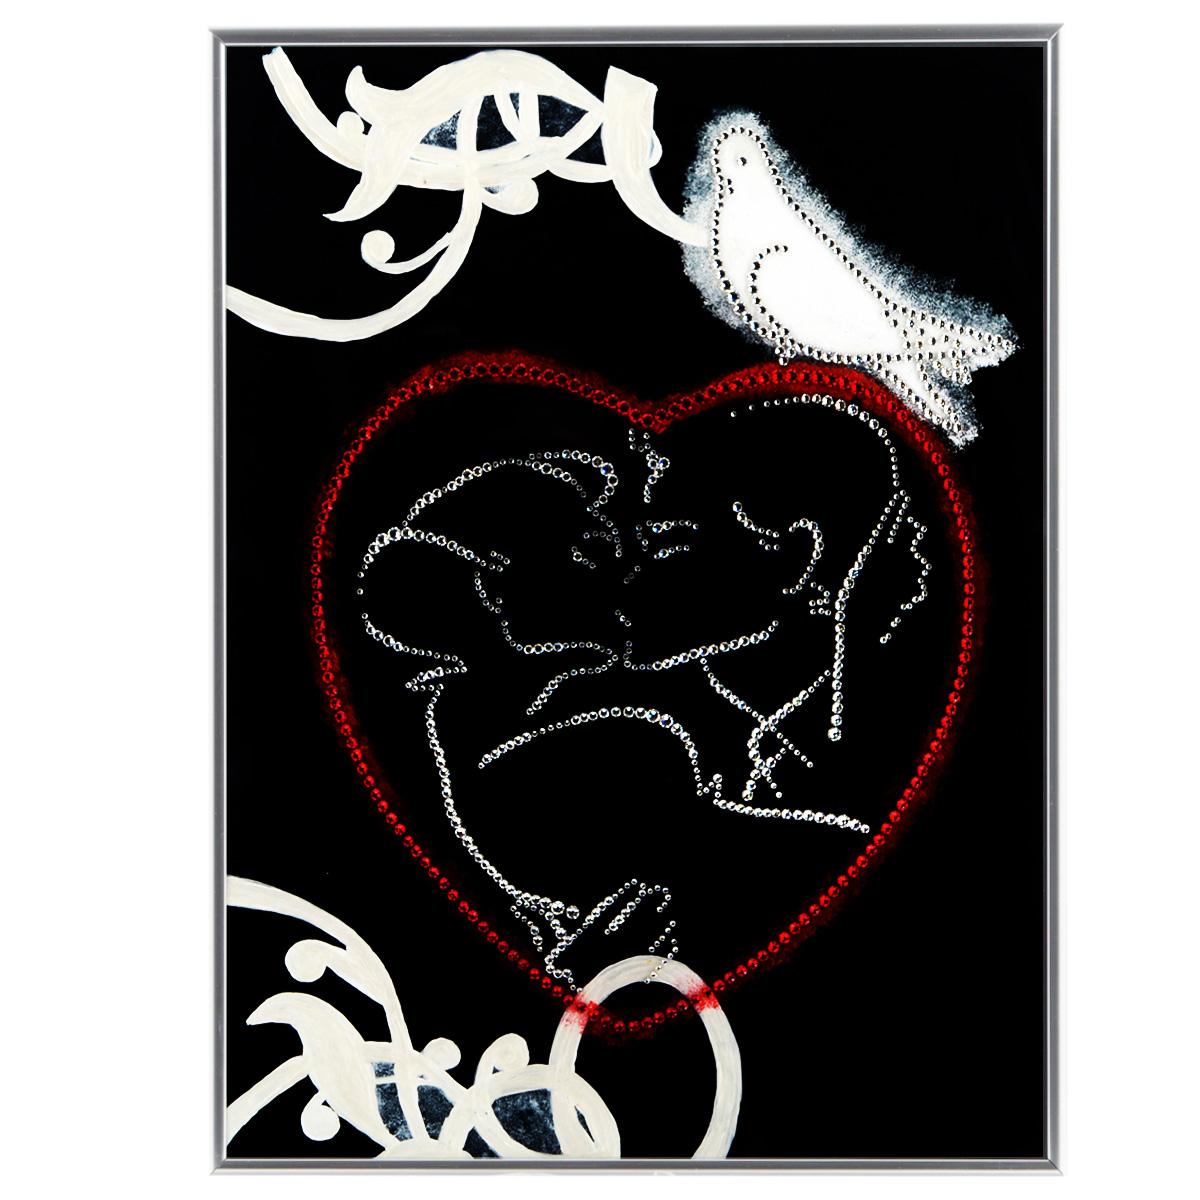 Картина с кристаллами Swarovski С любовью, 30 см х 40 см1269Изящная картина в металлической раме, инкрустирована кристаллами Swarovski в виде целующийся пары в сердце и голубя. Кристаллы Swarovski отличаются четкой и ровной огранкой, ярким блеском и чистотой цвета. Под стеклом картина оформлена бархатистой тканью, что прекрасно дополняет блеск кристаллов. С обратной стороны имеется металлическая петелька для размещения картины на стене. Картина с кристаллами Swarovski С любовью элегантно украсит интерьер дома или офиса, а также станет прекрасным подарком, который обязательно понравится получателю. Блеск кристаллов в интерьере, что может быть сказочнее и удивительнее. Картина упакована в подарочную картонную коробку синего цвета и комплектуется сертификатом соответствия Swarovski.